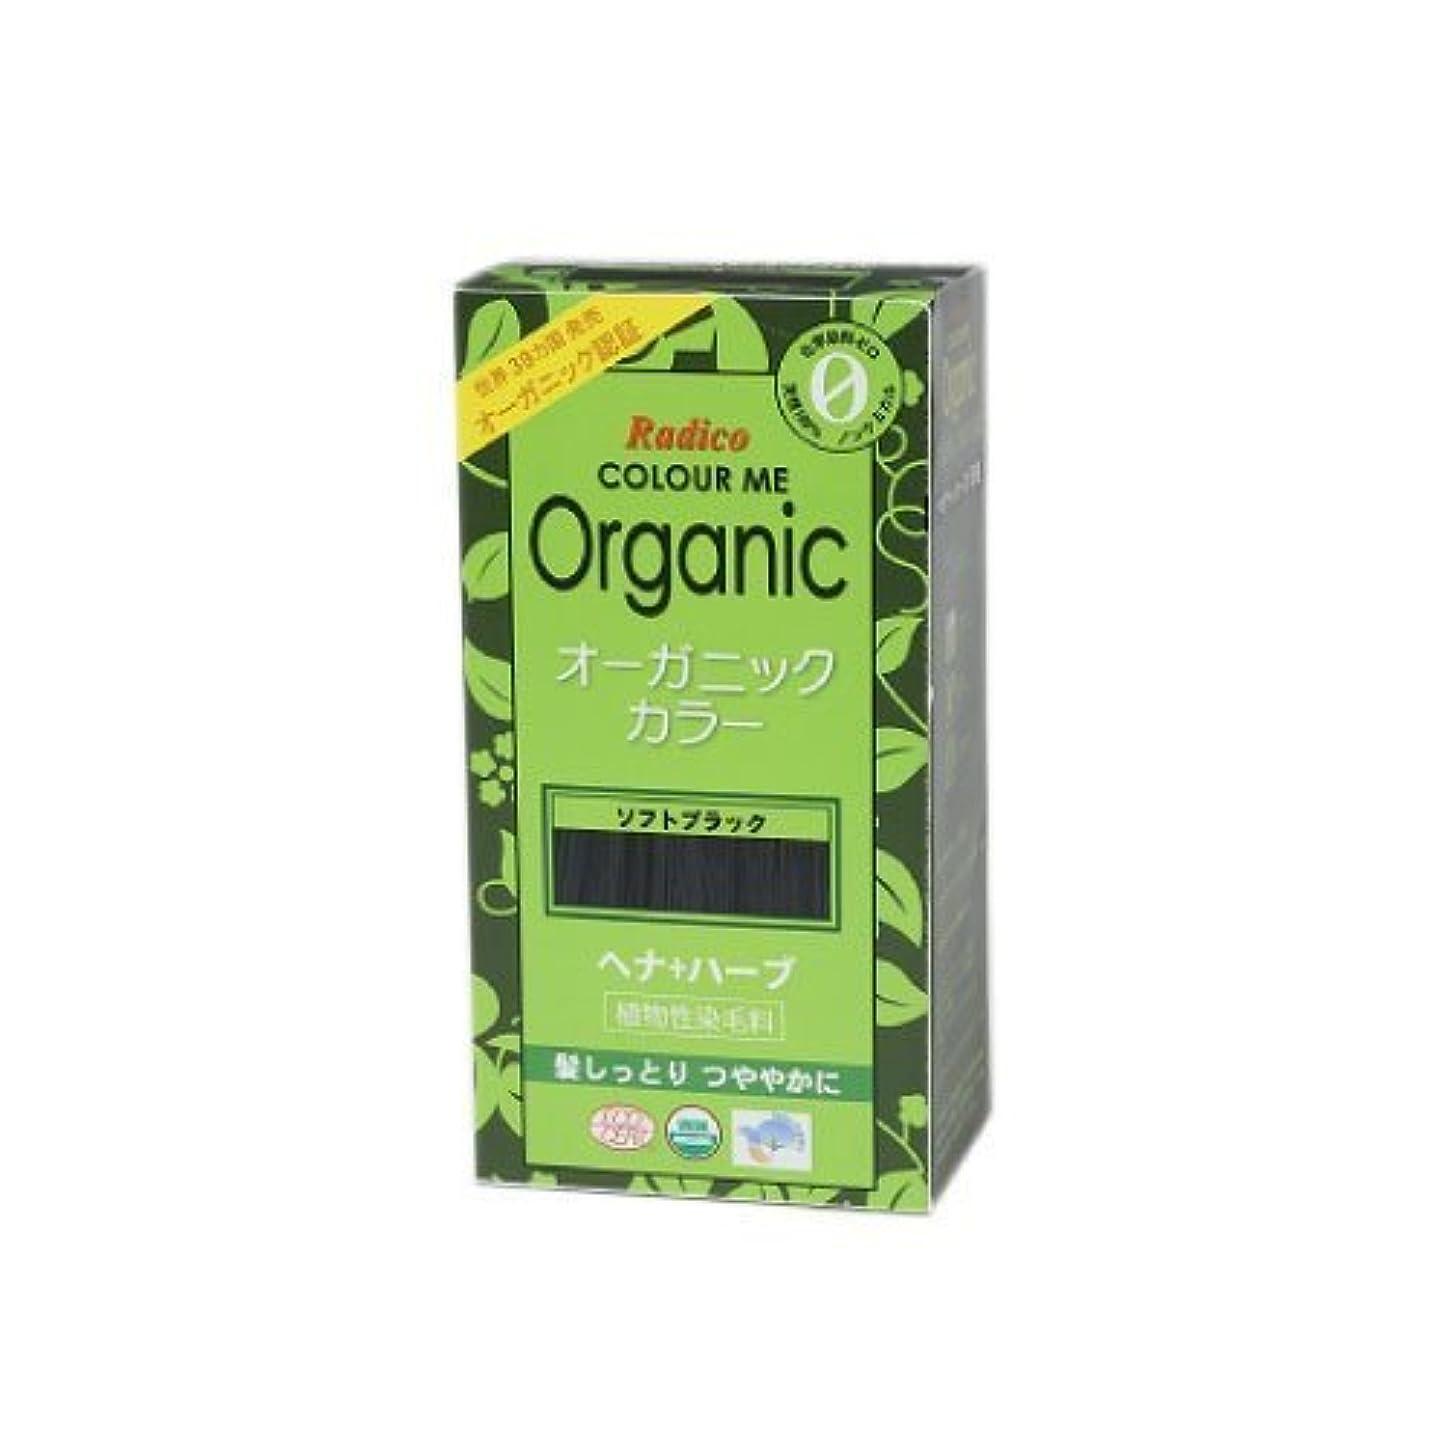 乗算練習盆COLOURME Organic (カラーミーオーガニック ヘナ 白髪用 髪色戻し) ソフトブラック 100g